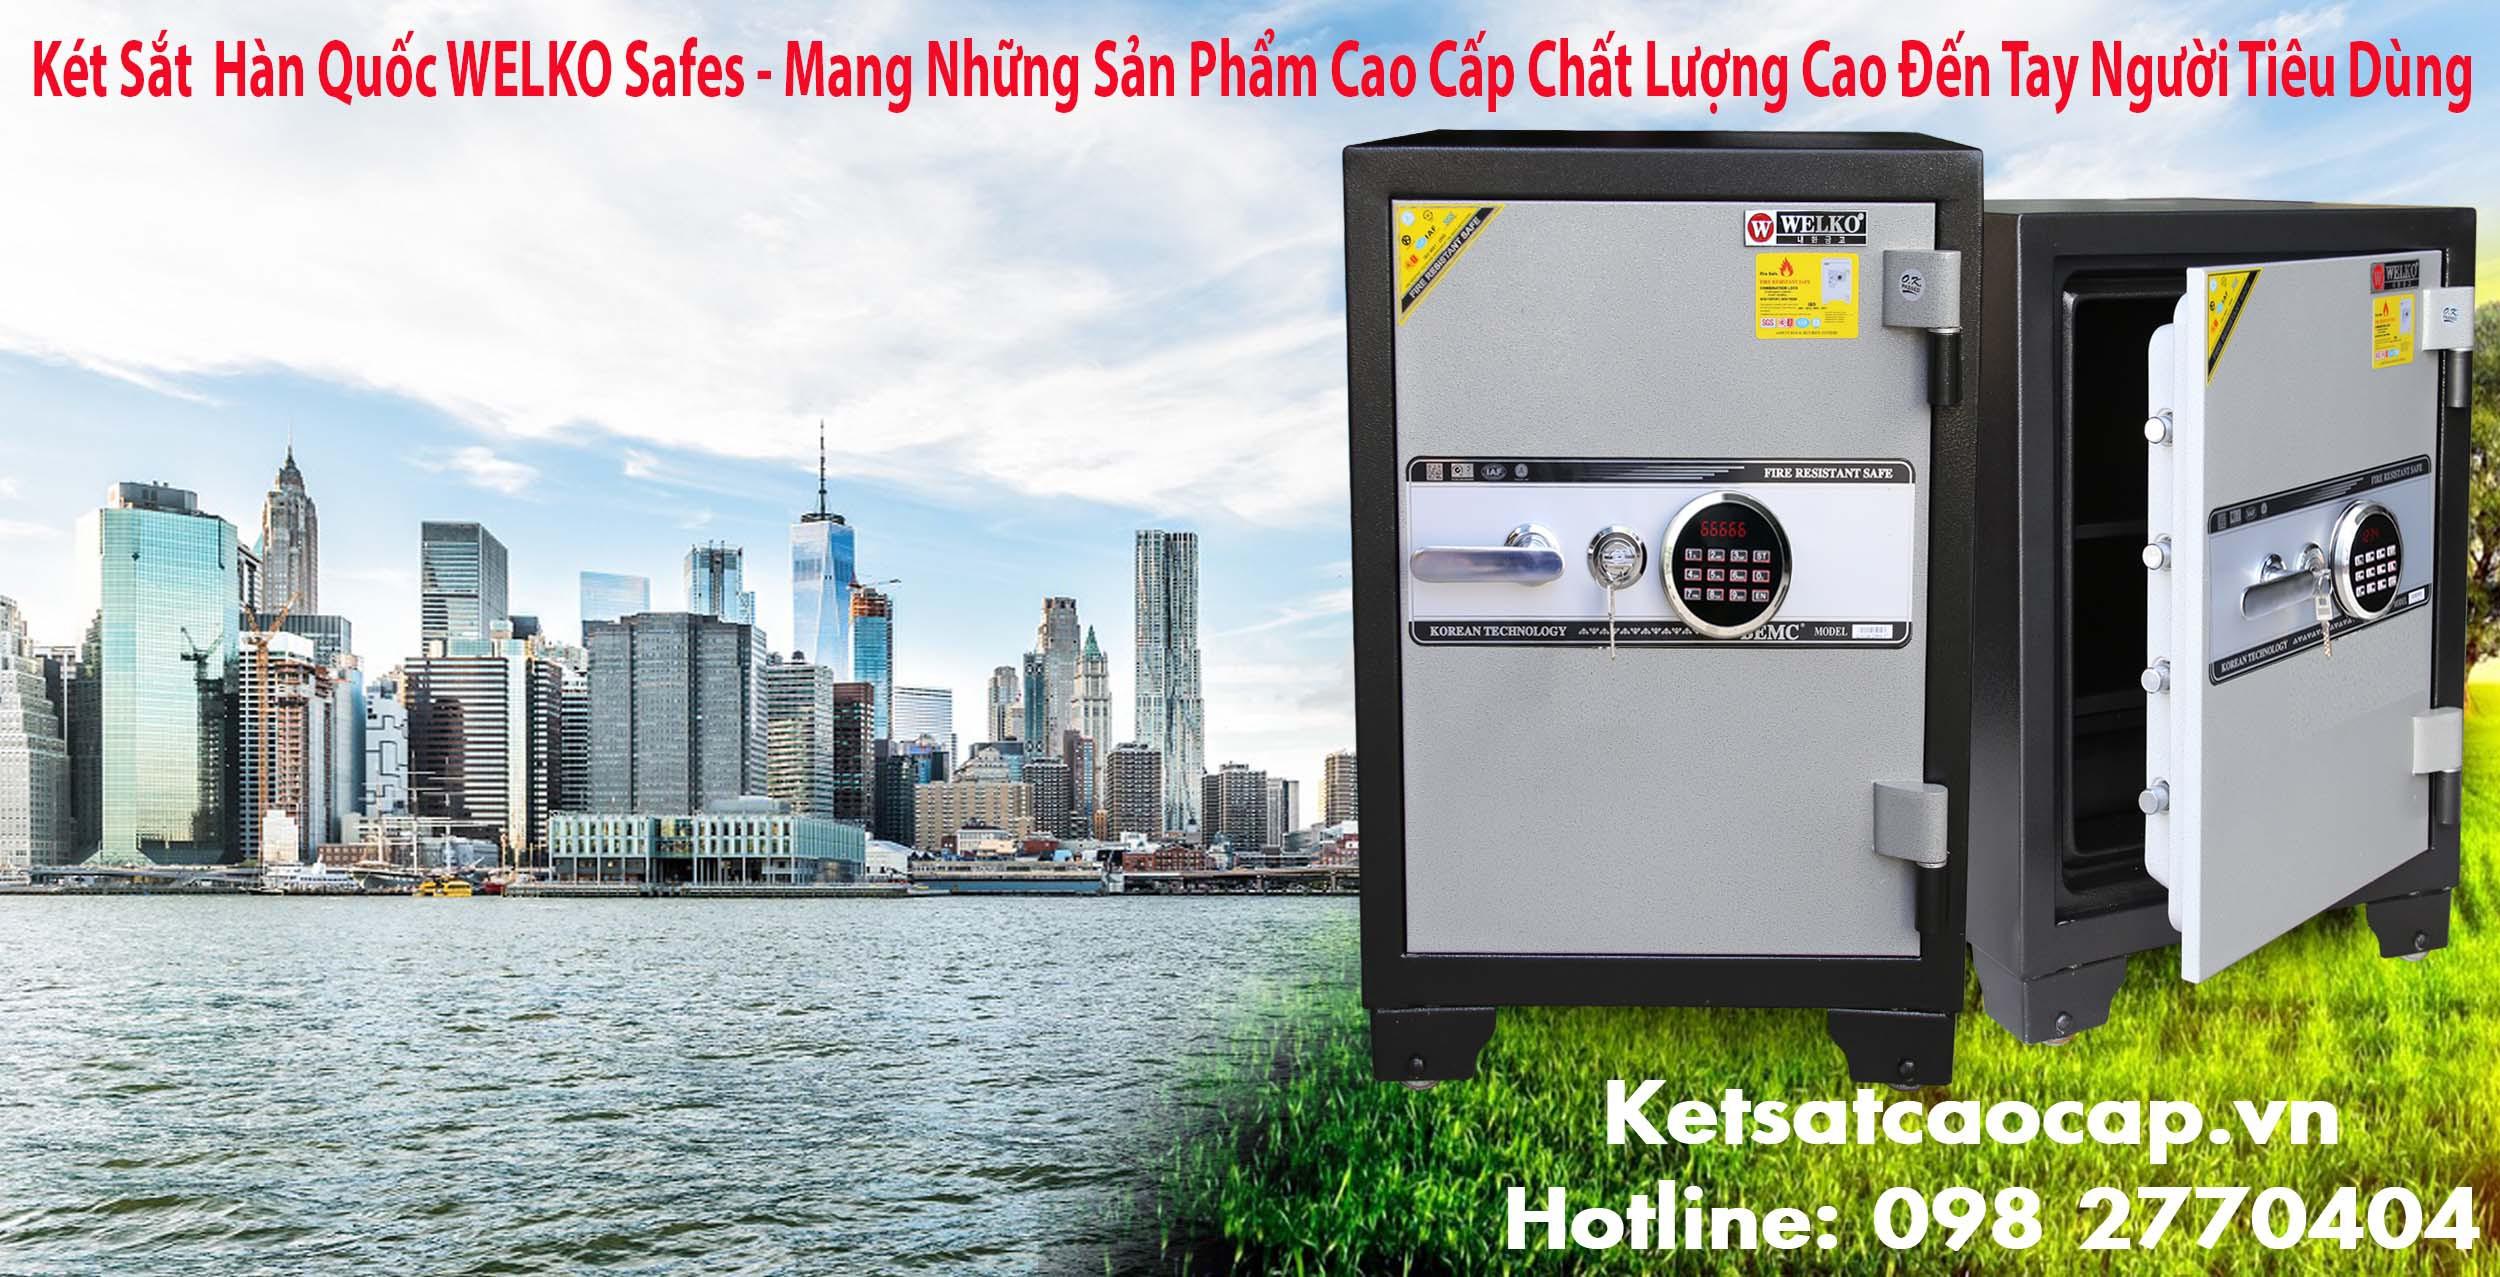 hình ảnh sản phẩm Két sắt chống cháy gia đình kcc110KC